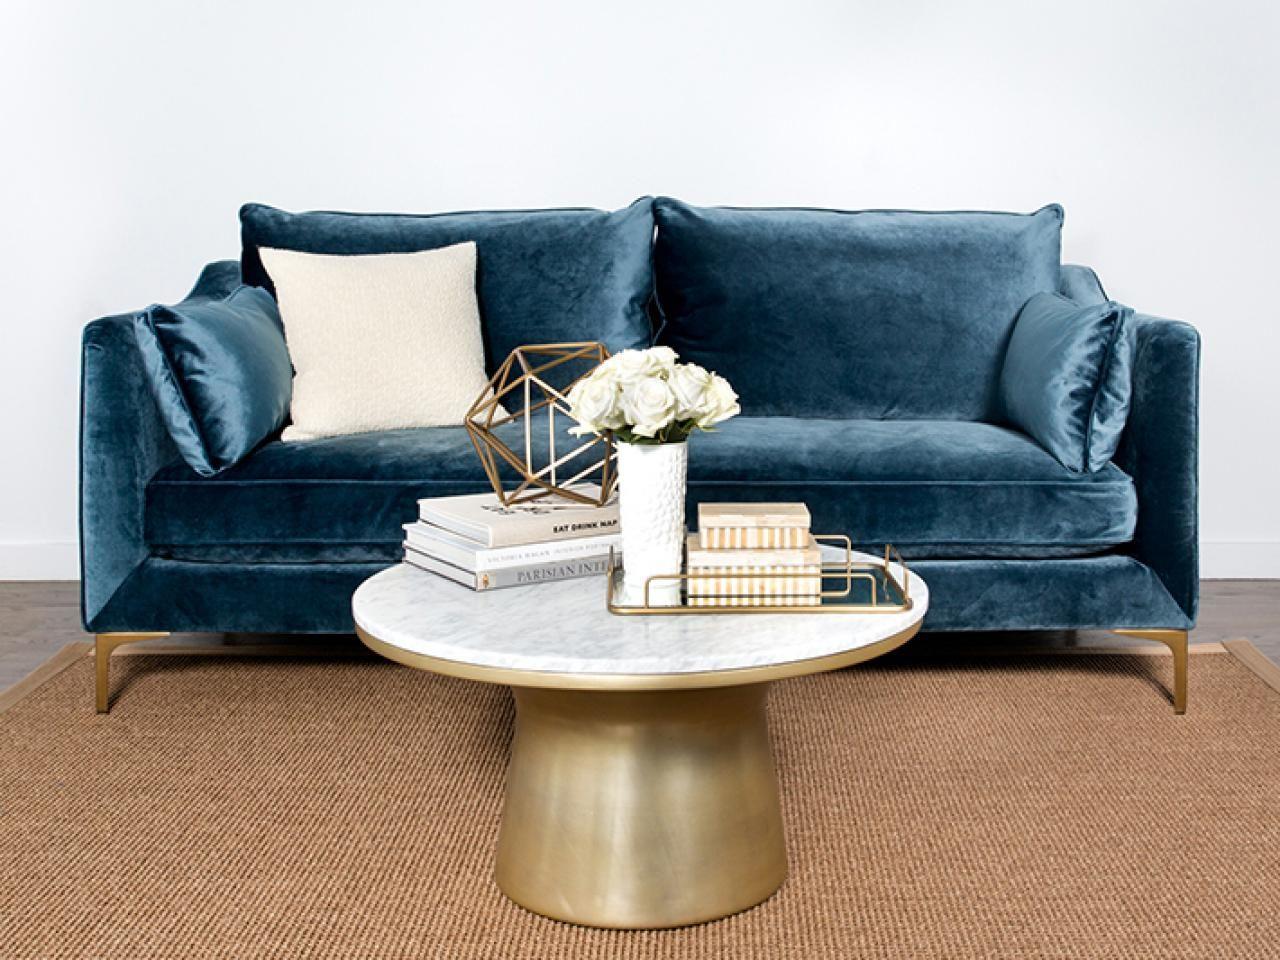 11 On Trend Velvet Sofas To Refresh Your Living Room With Images Velvet Sofa Living Room Sofa Design Luxury Sofa Design